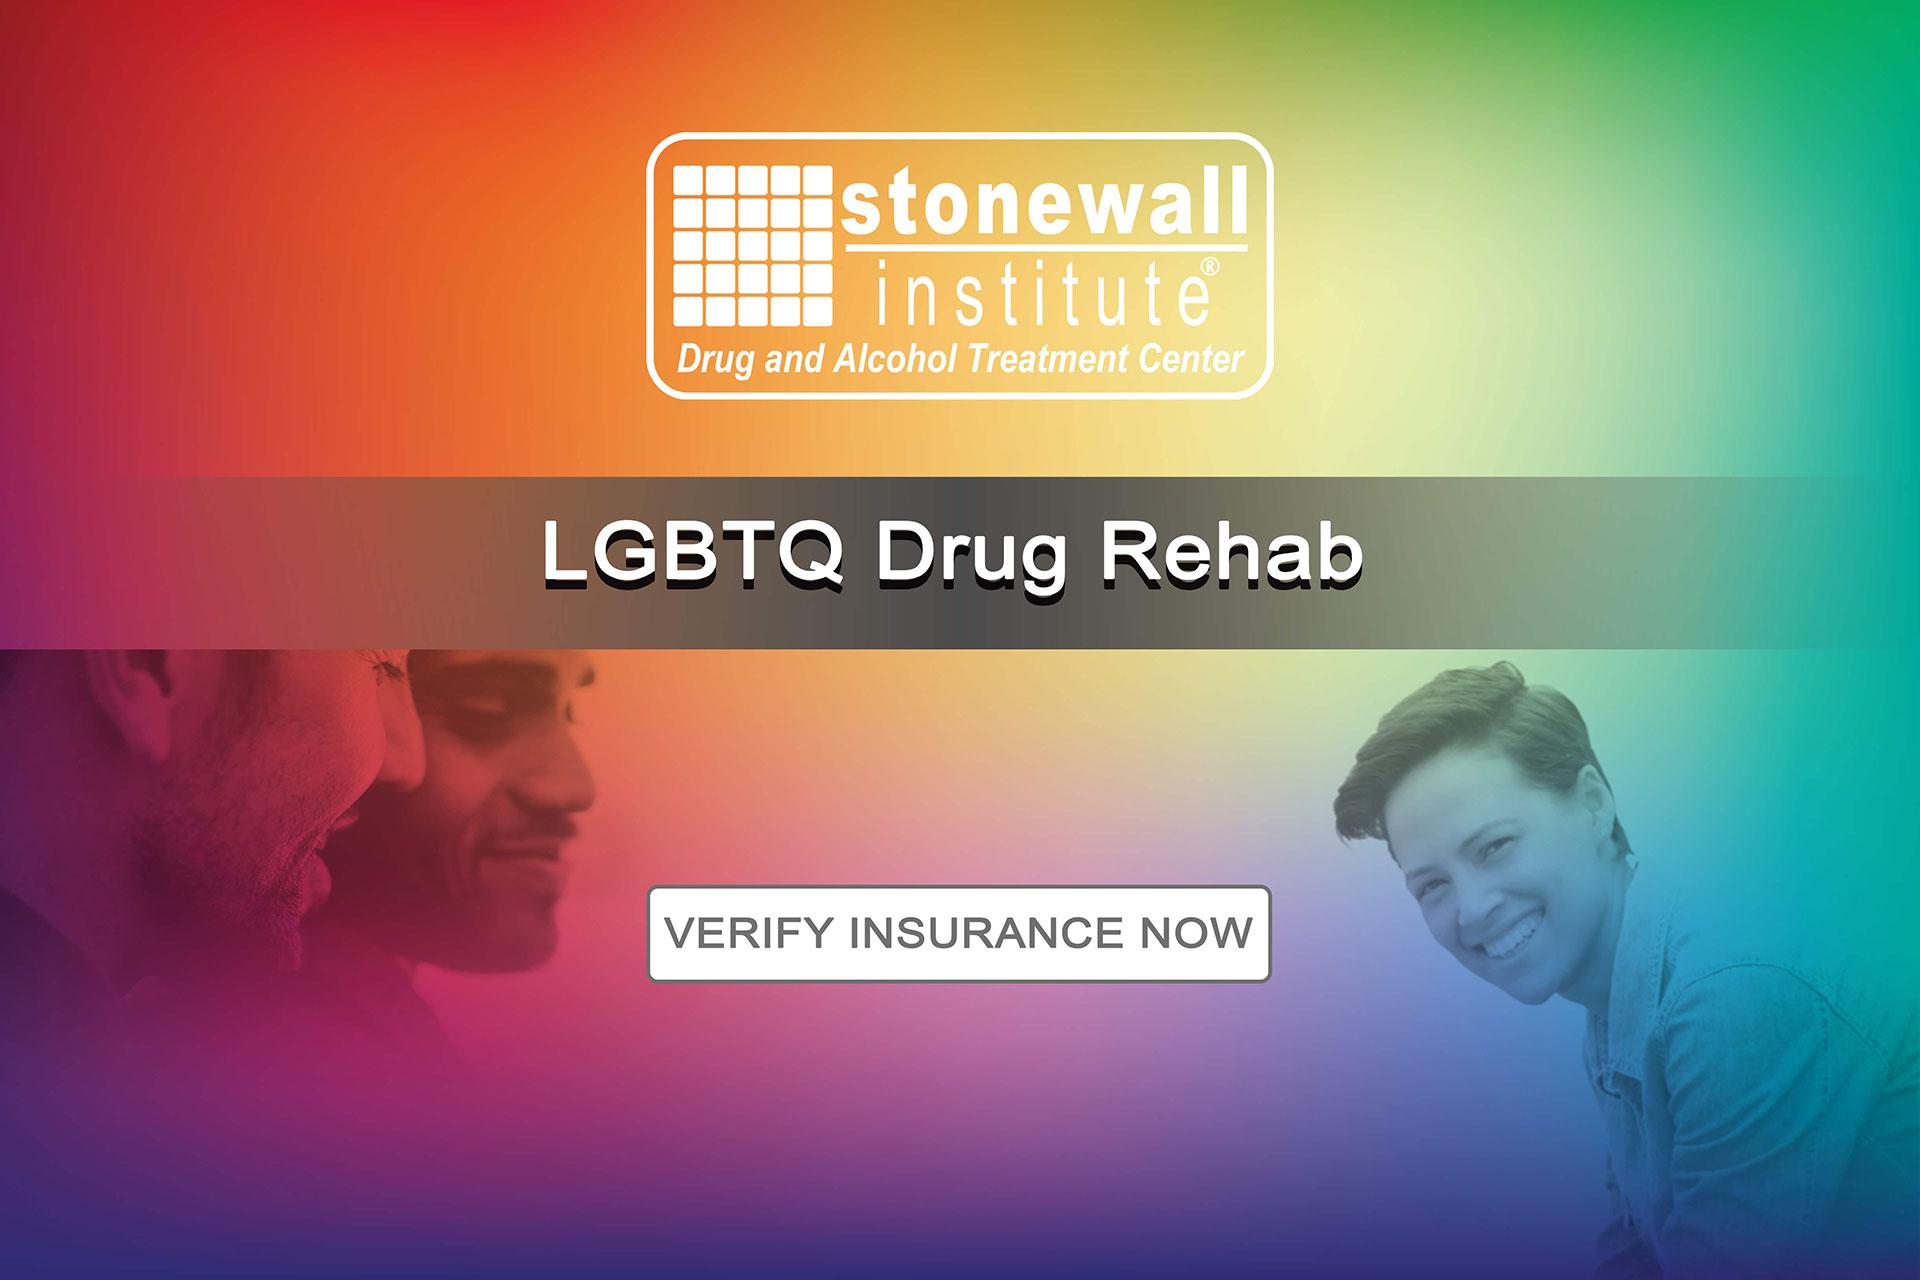 LGBTQ drug rehab